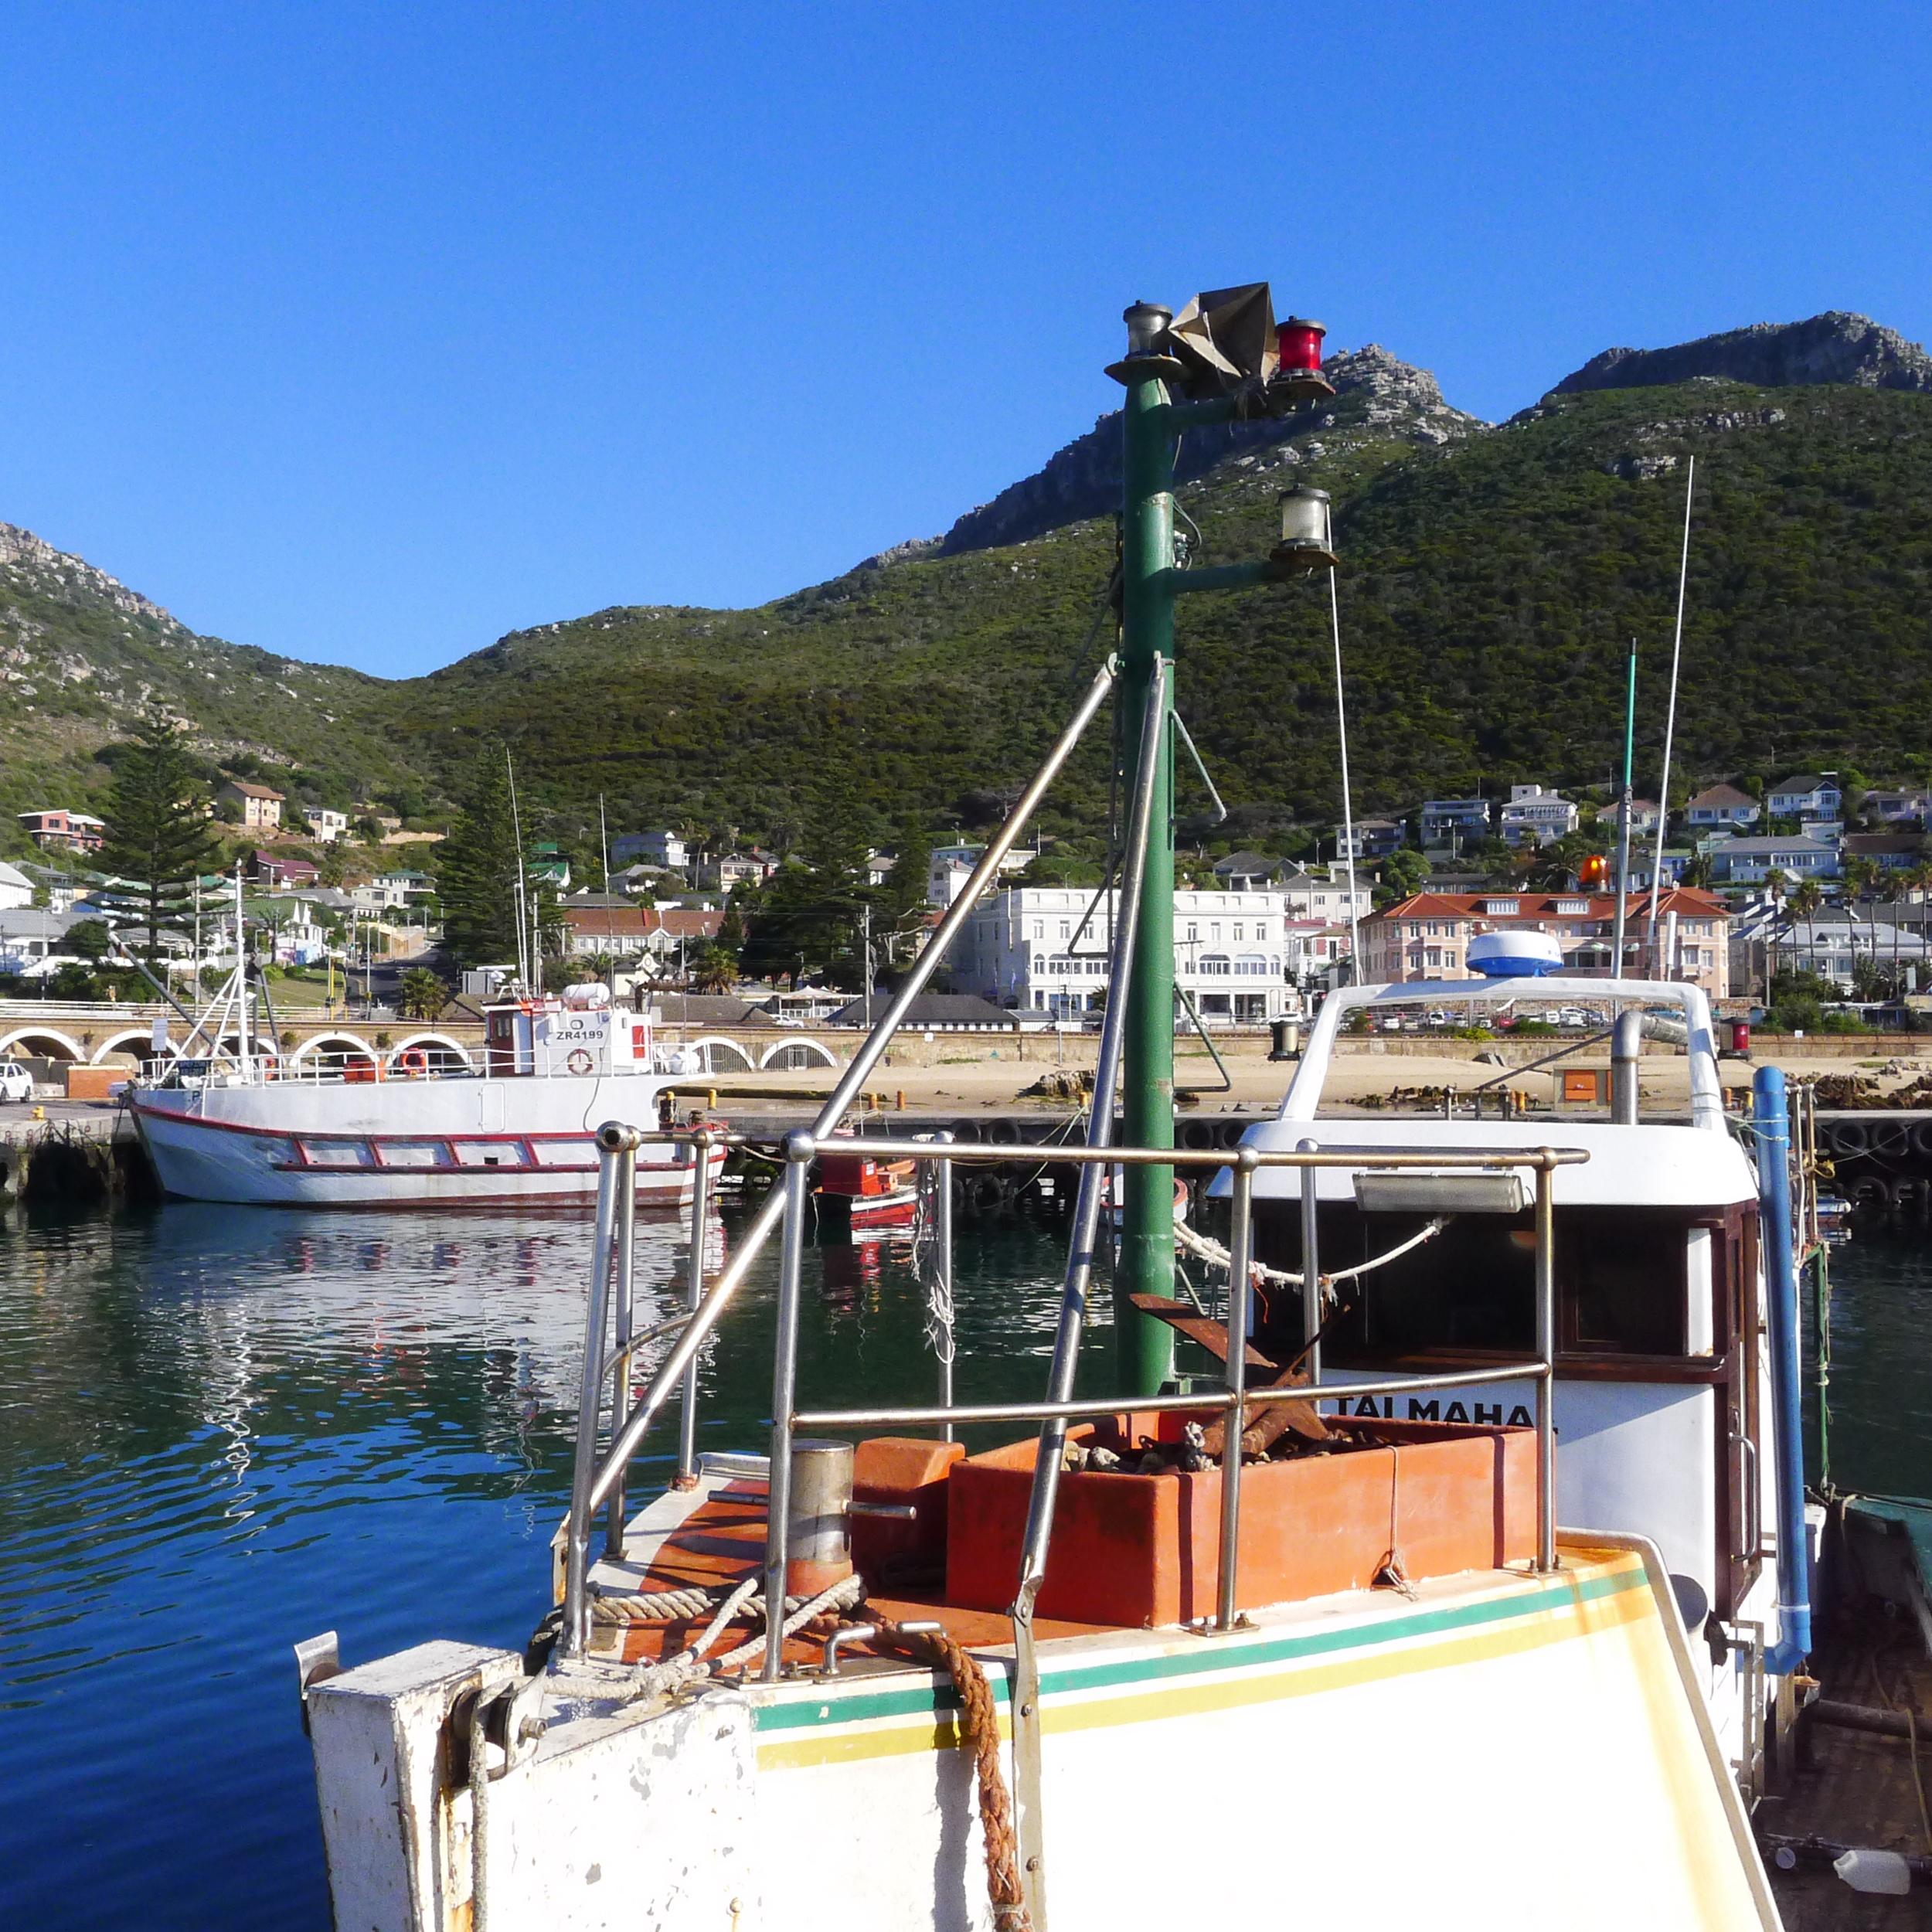 Harbor at Kalk Bay